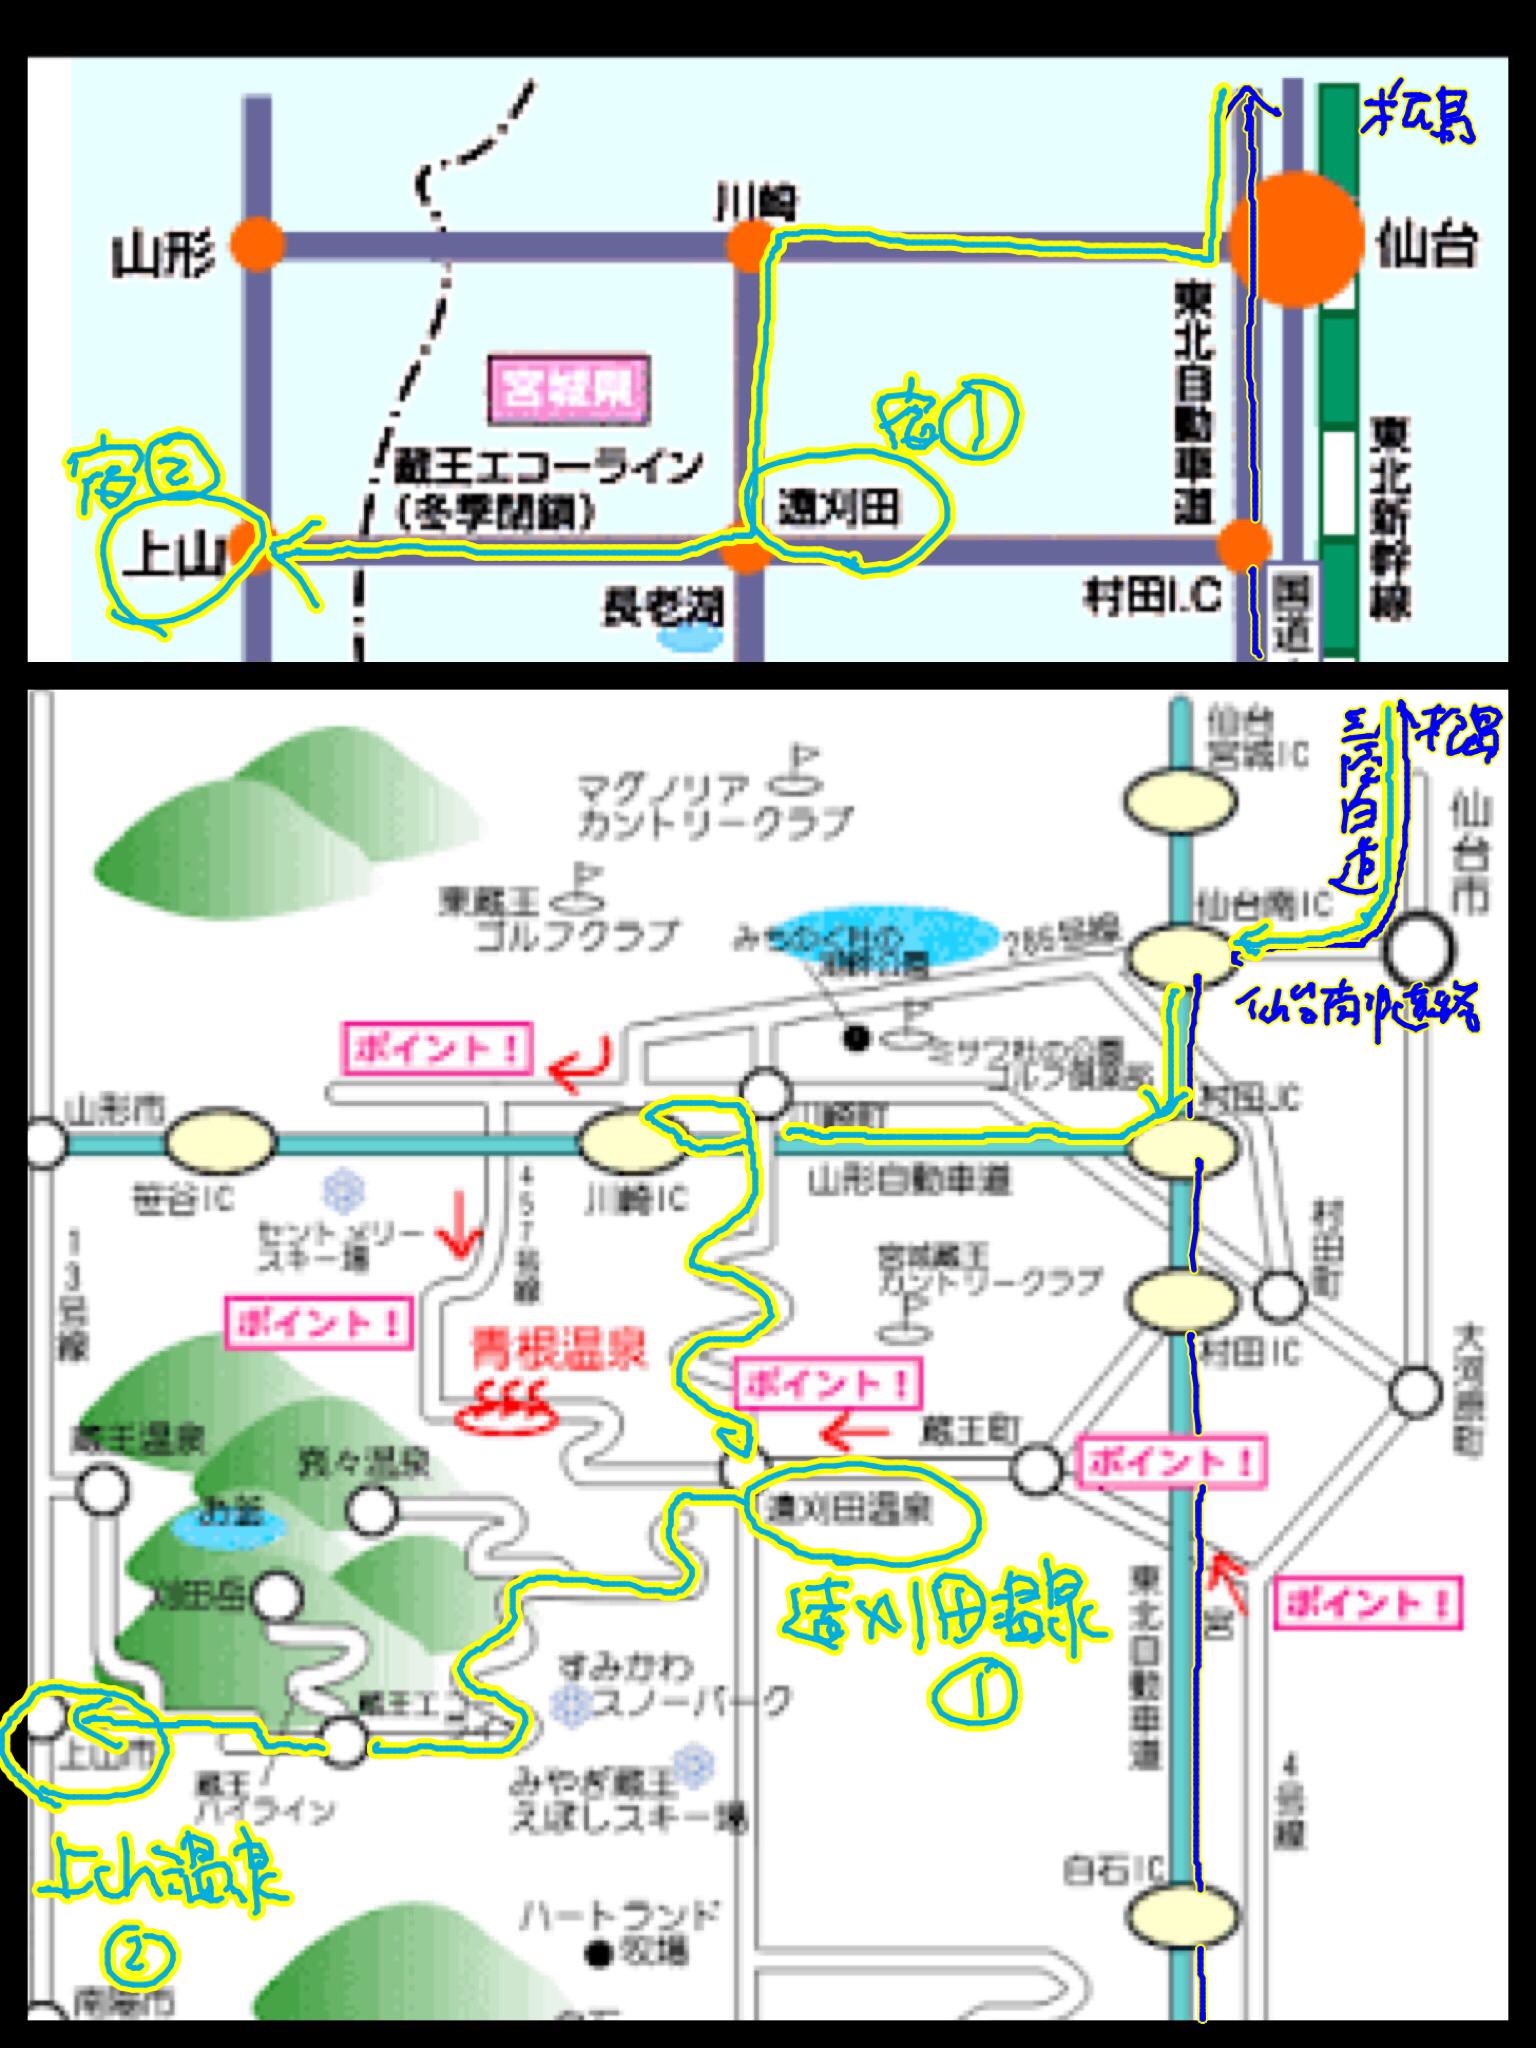 宮城〜山形東北ドライブ旅行 行程 アウトランダーPHEV